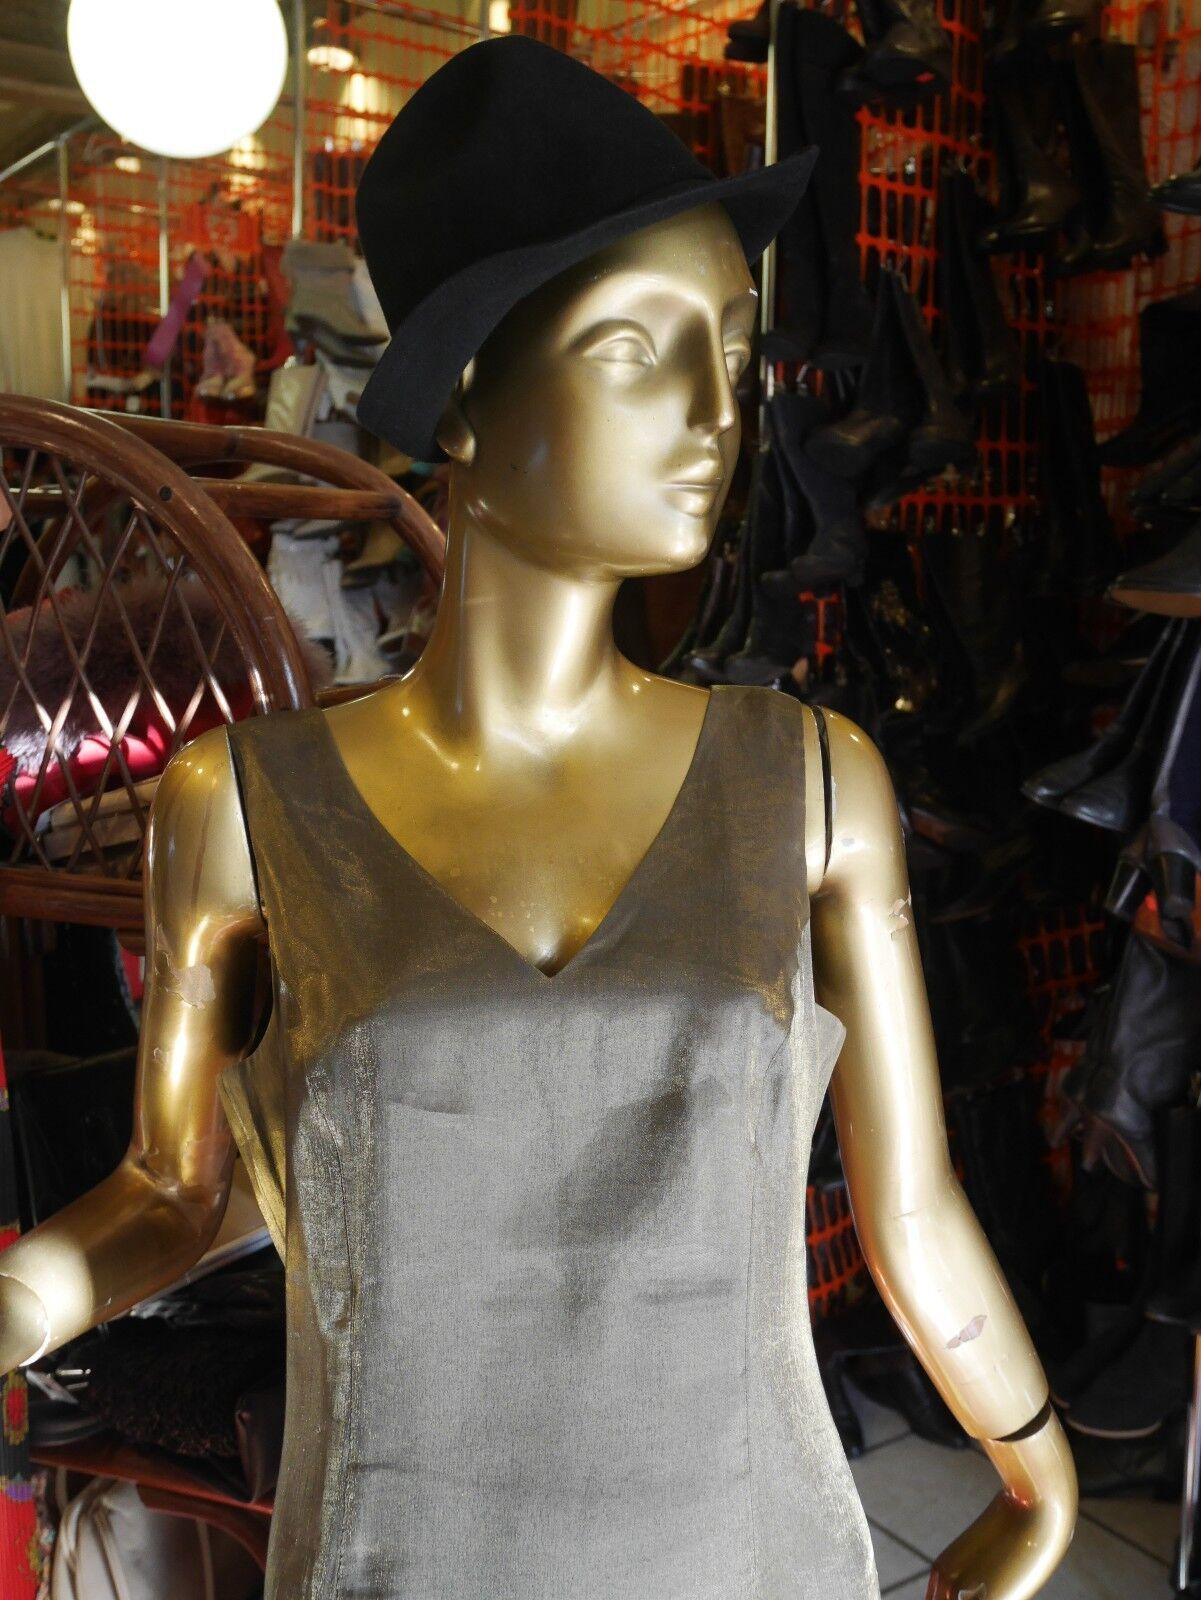 Cm Cm Cm BY PABST Minikleid S metallic 90er Kleid Disco gold TRUE VINTAGE 90s party bce20d